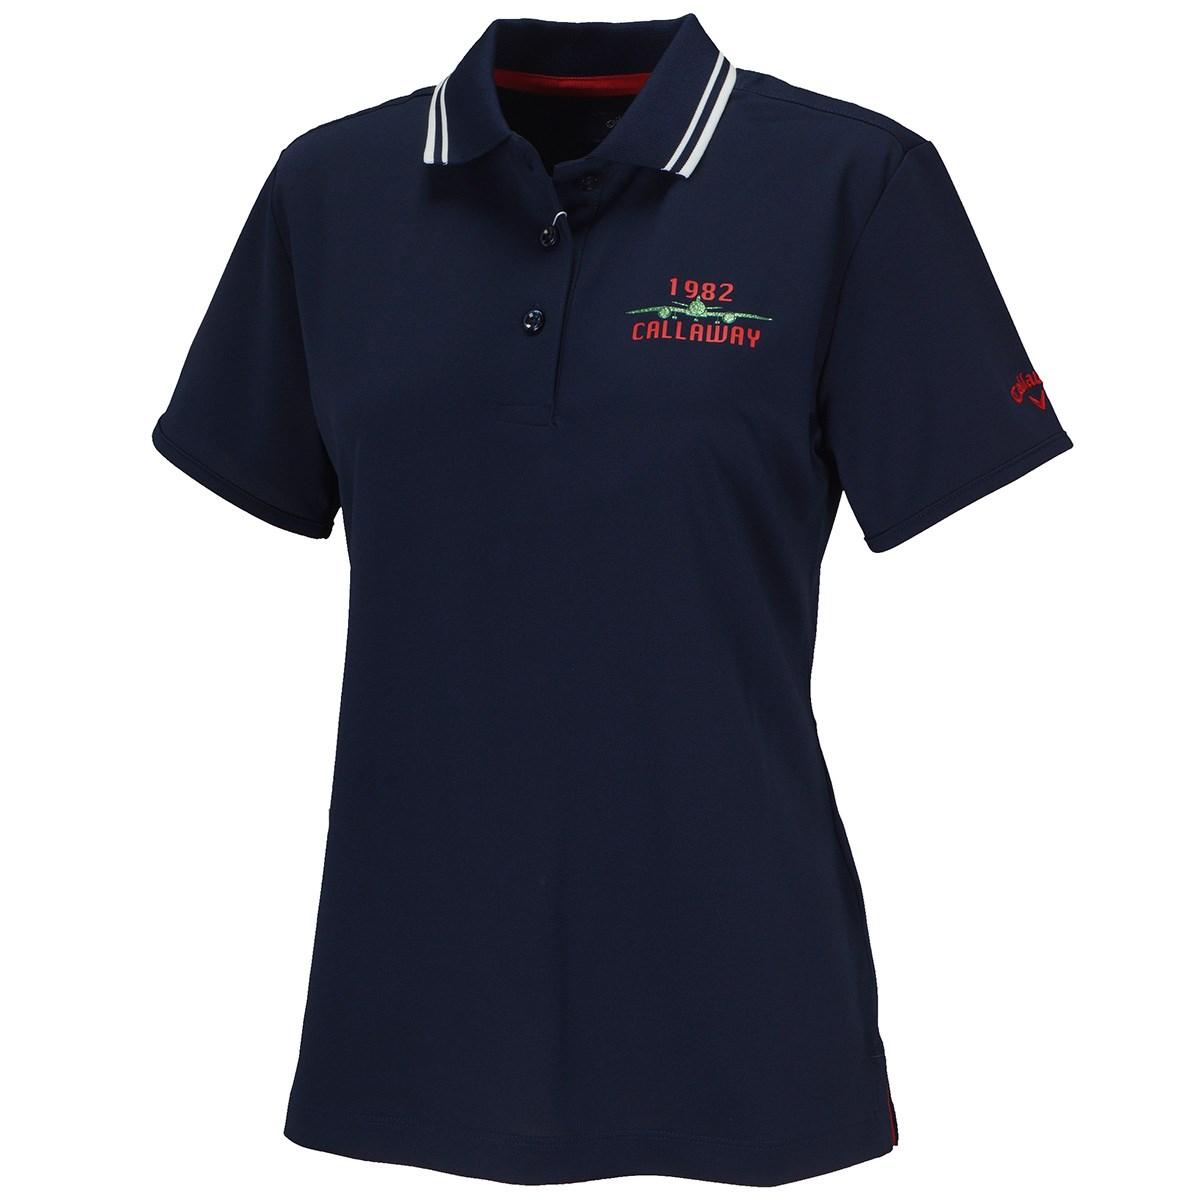 キャロウェイゴルフ Callaway Golf LOTUS MAGIC 半袖ポロシャツ S ネイビー 120 レディス